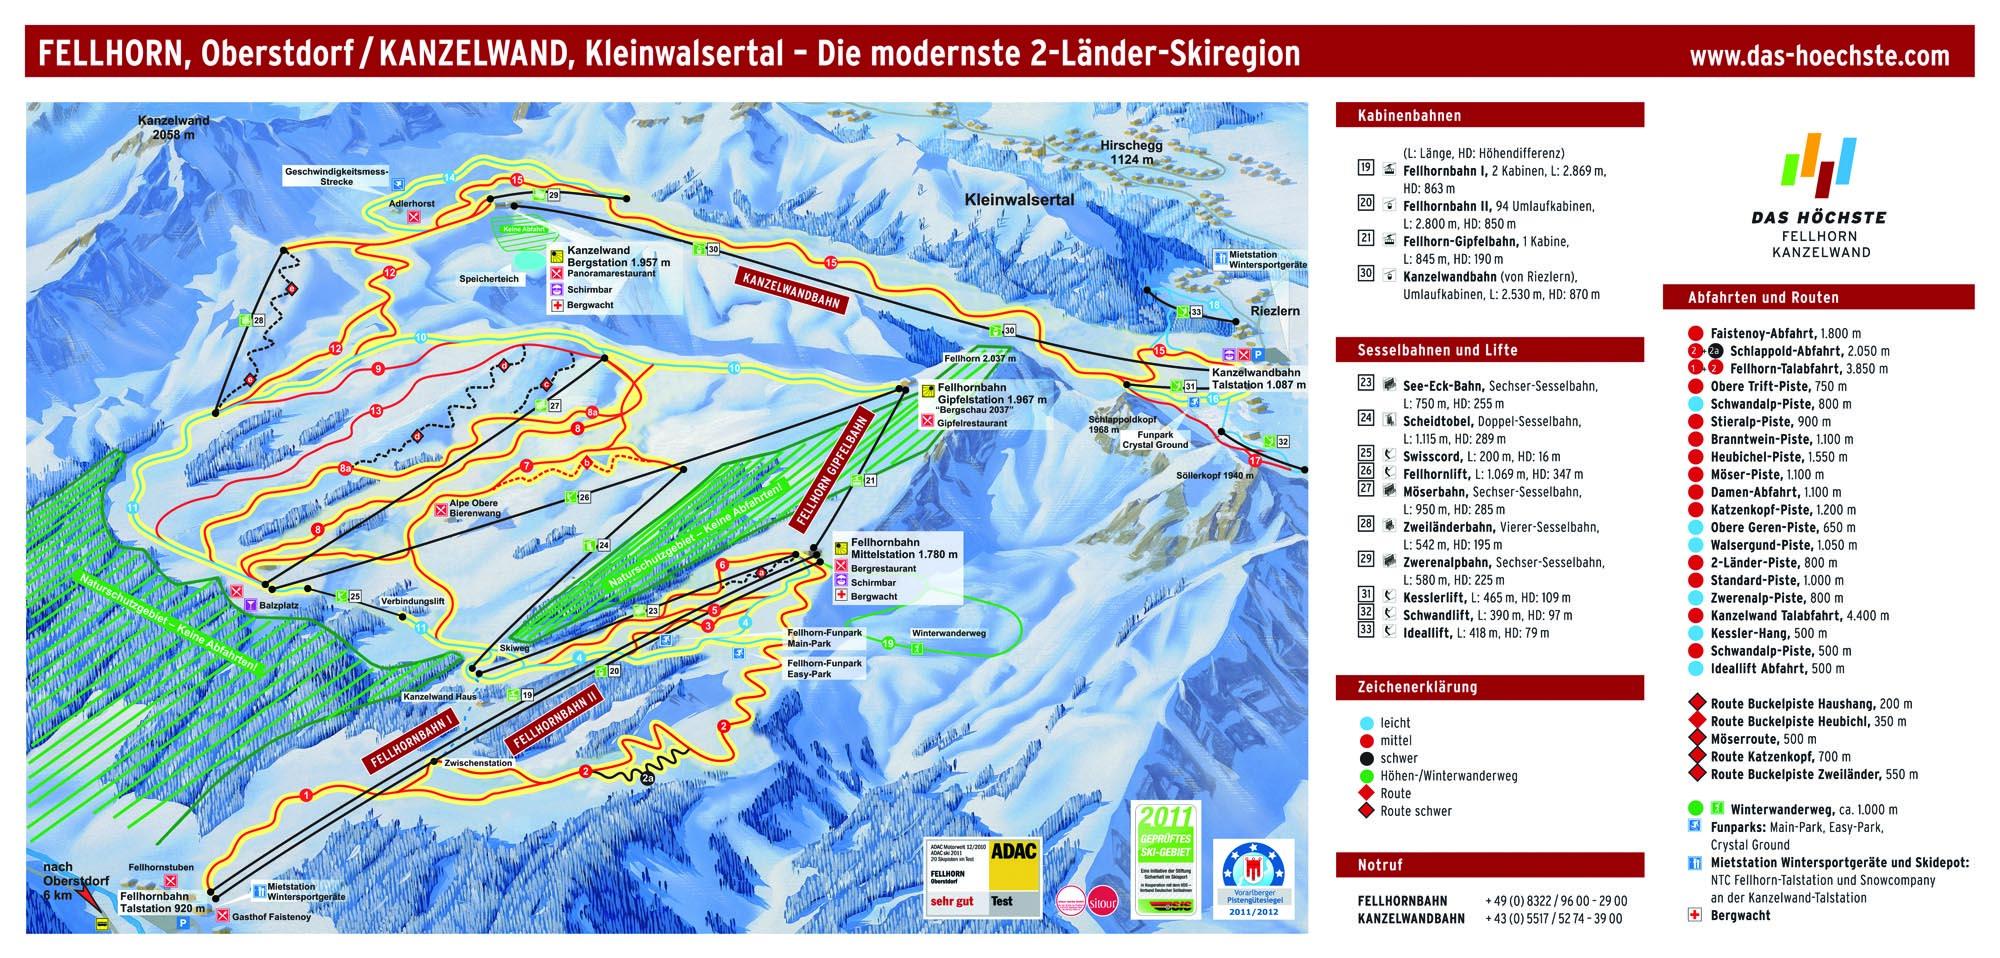 Pistenplan - Fellhorn-Kanzelwand